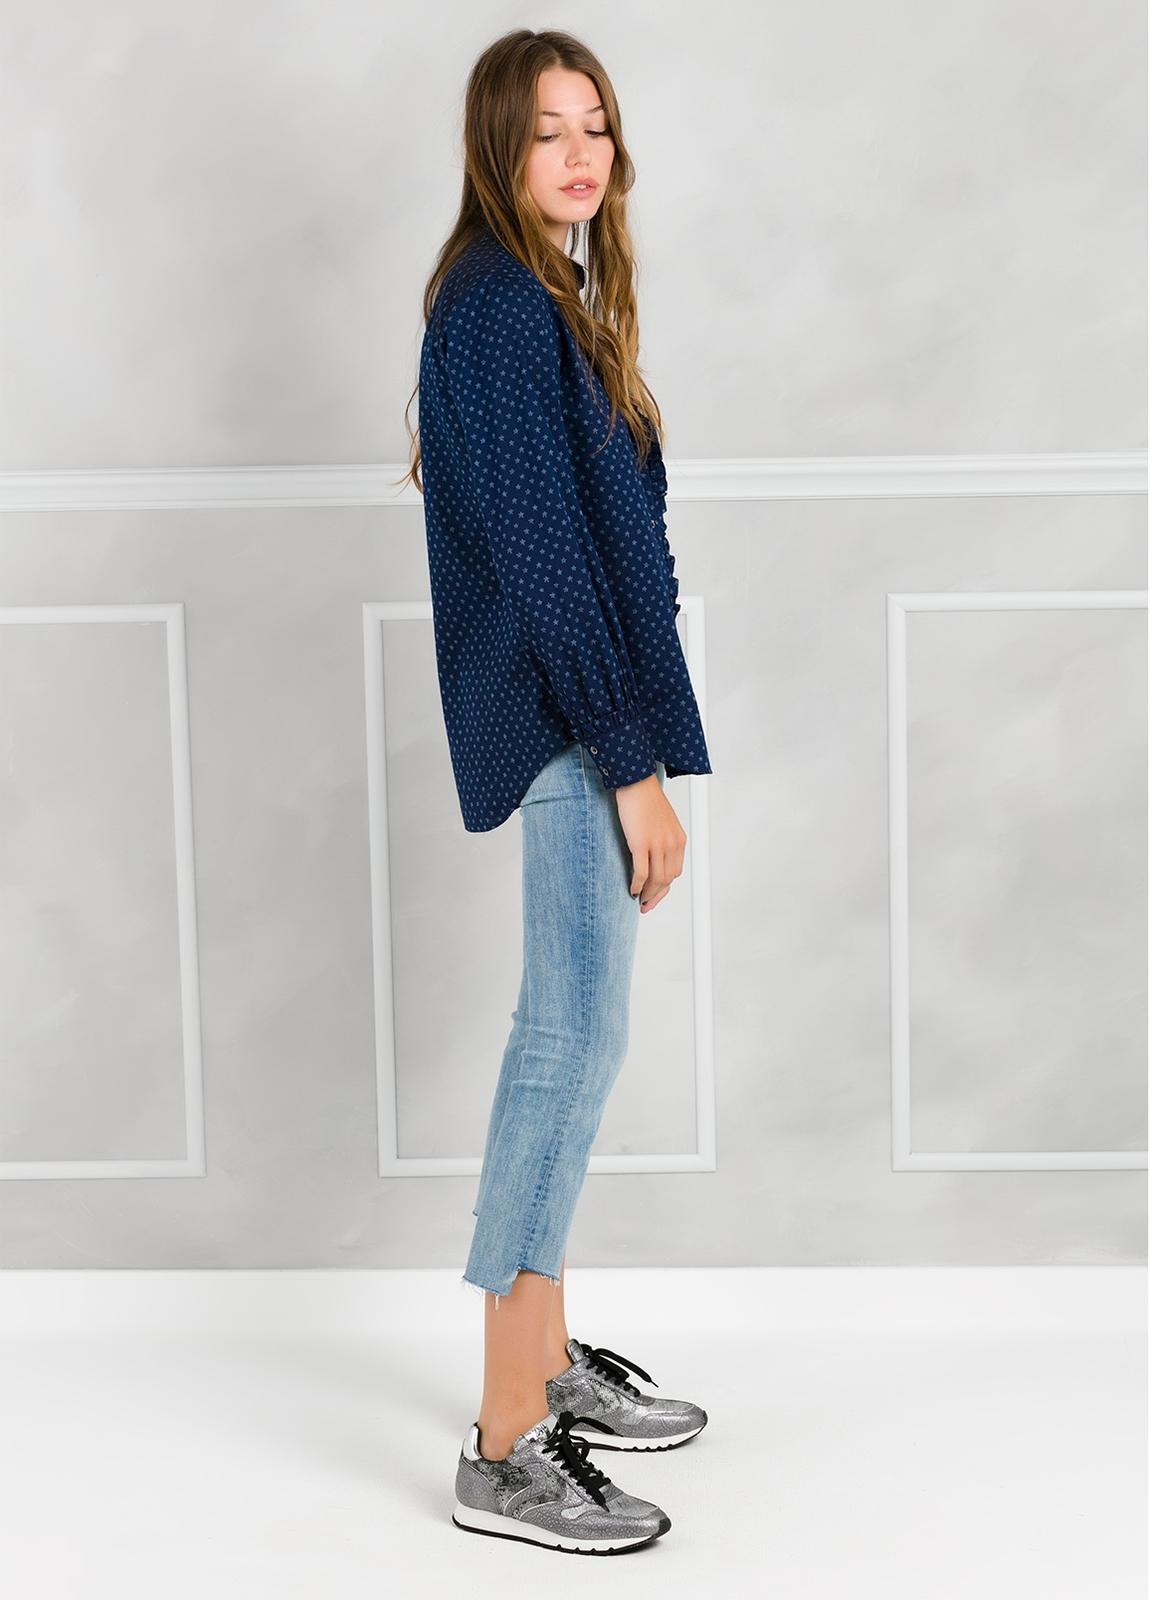 Camisa woman modelo SHEILAJ estampado estrellas color azul tinta. - Ítem3